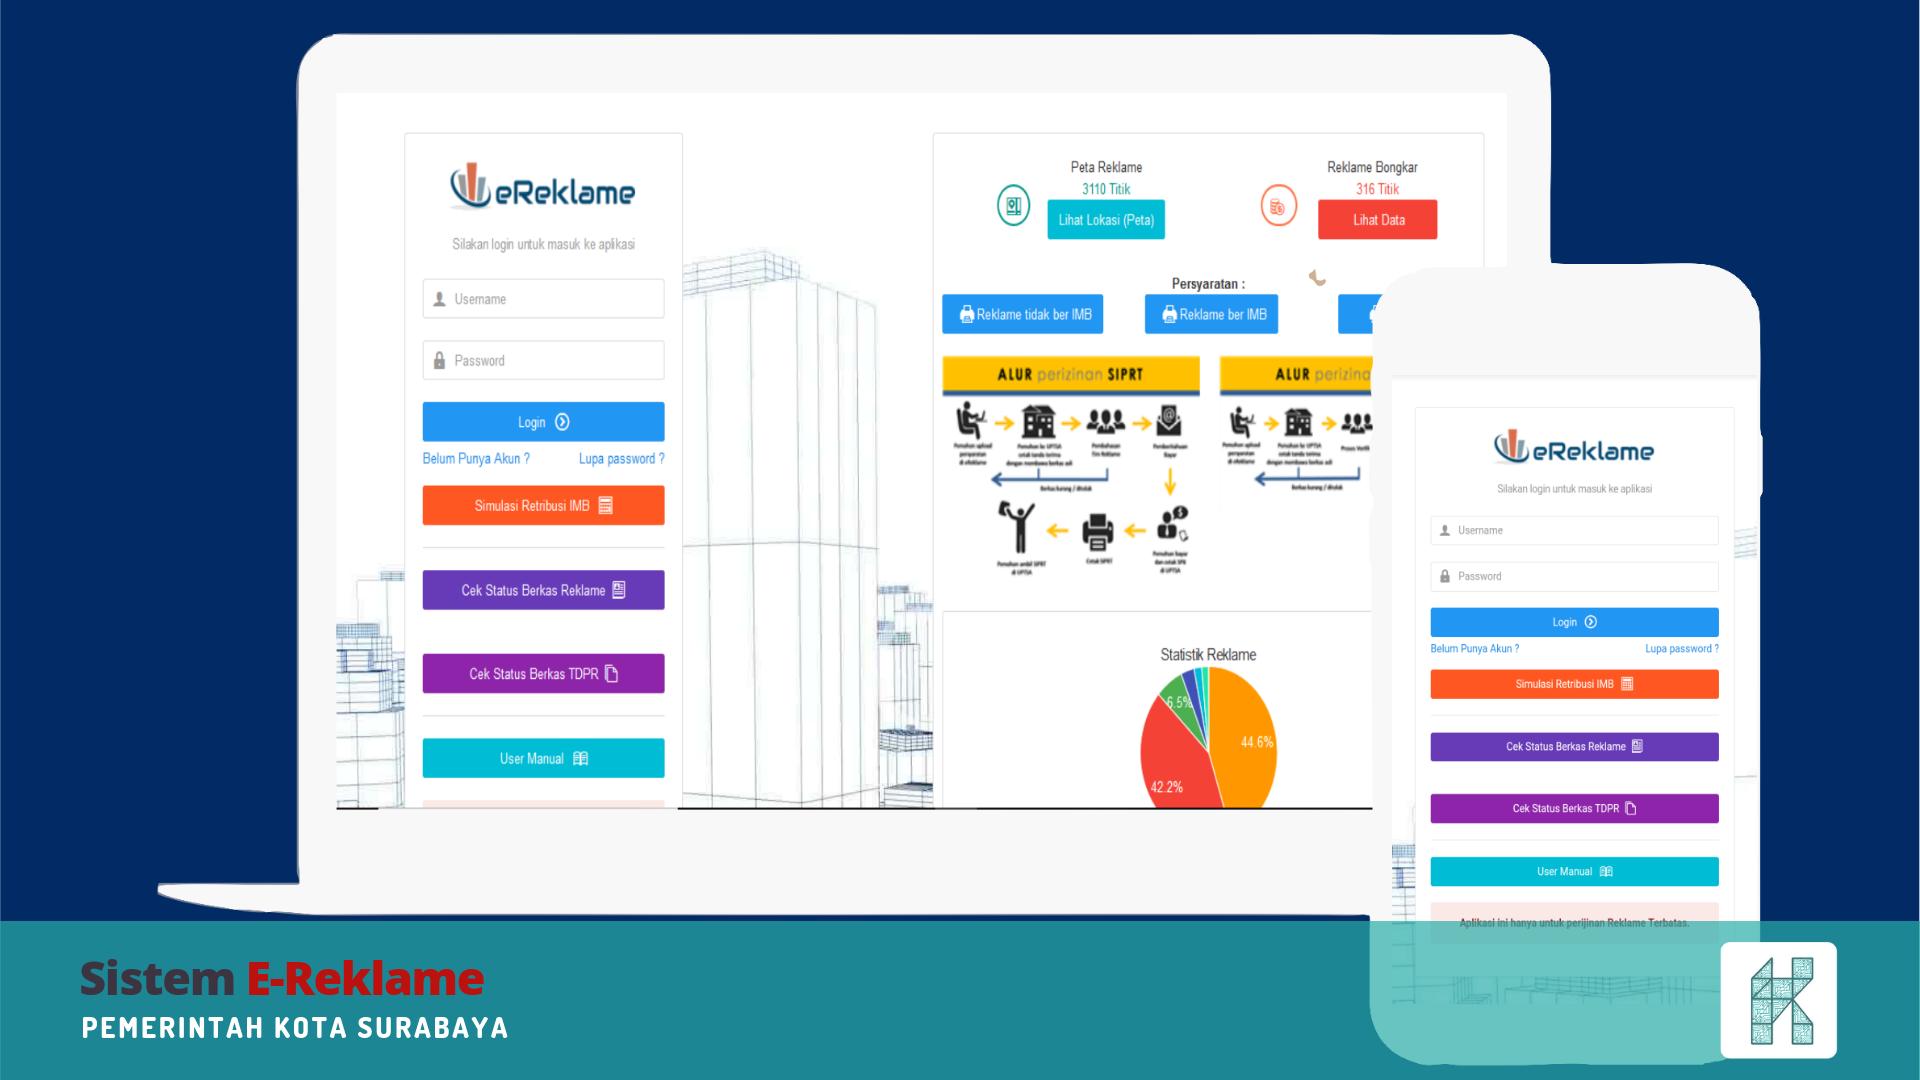 Sistem E-Reklame Pemerintah Kota Surabaya